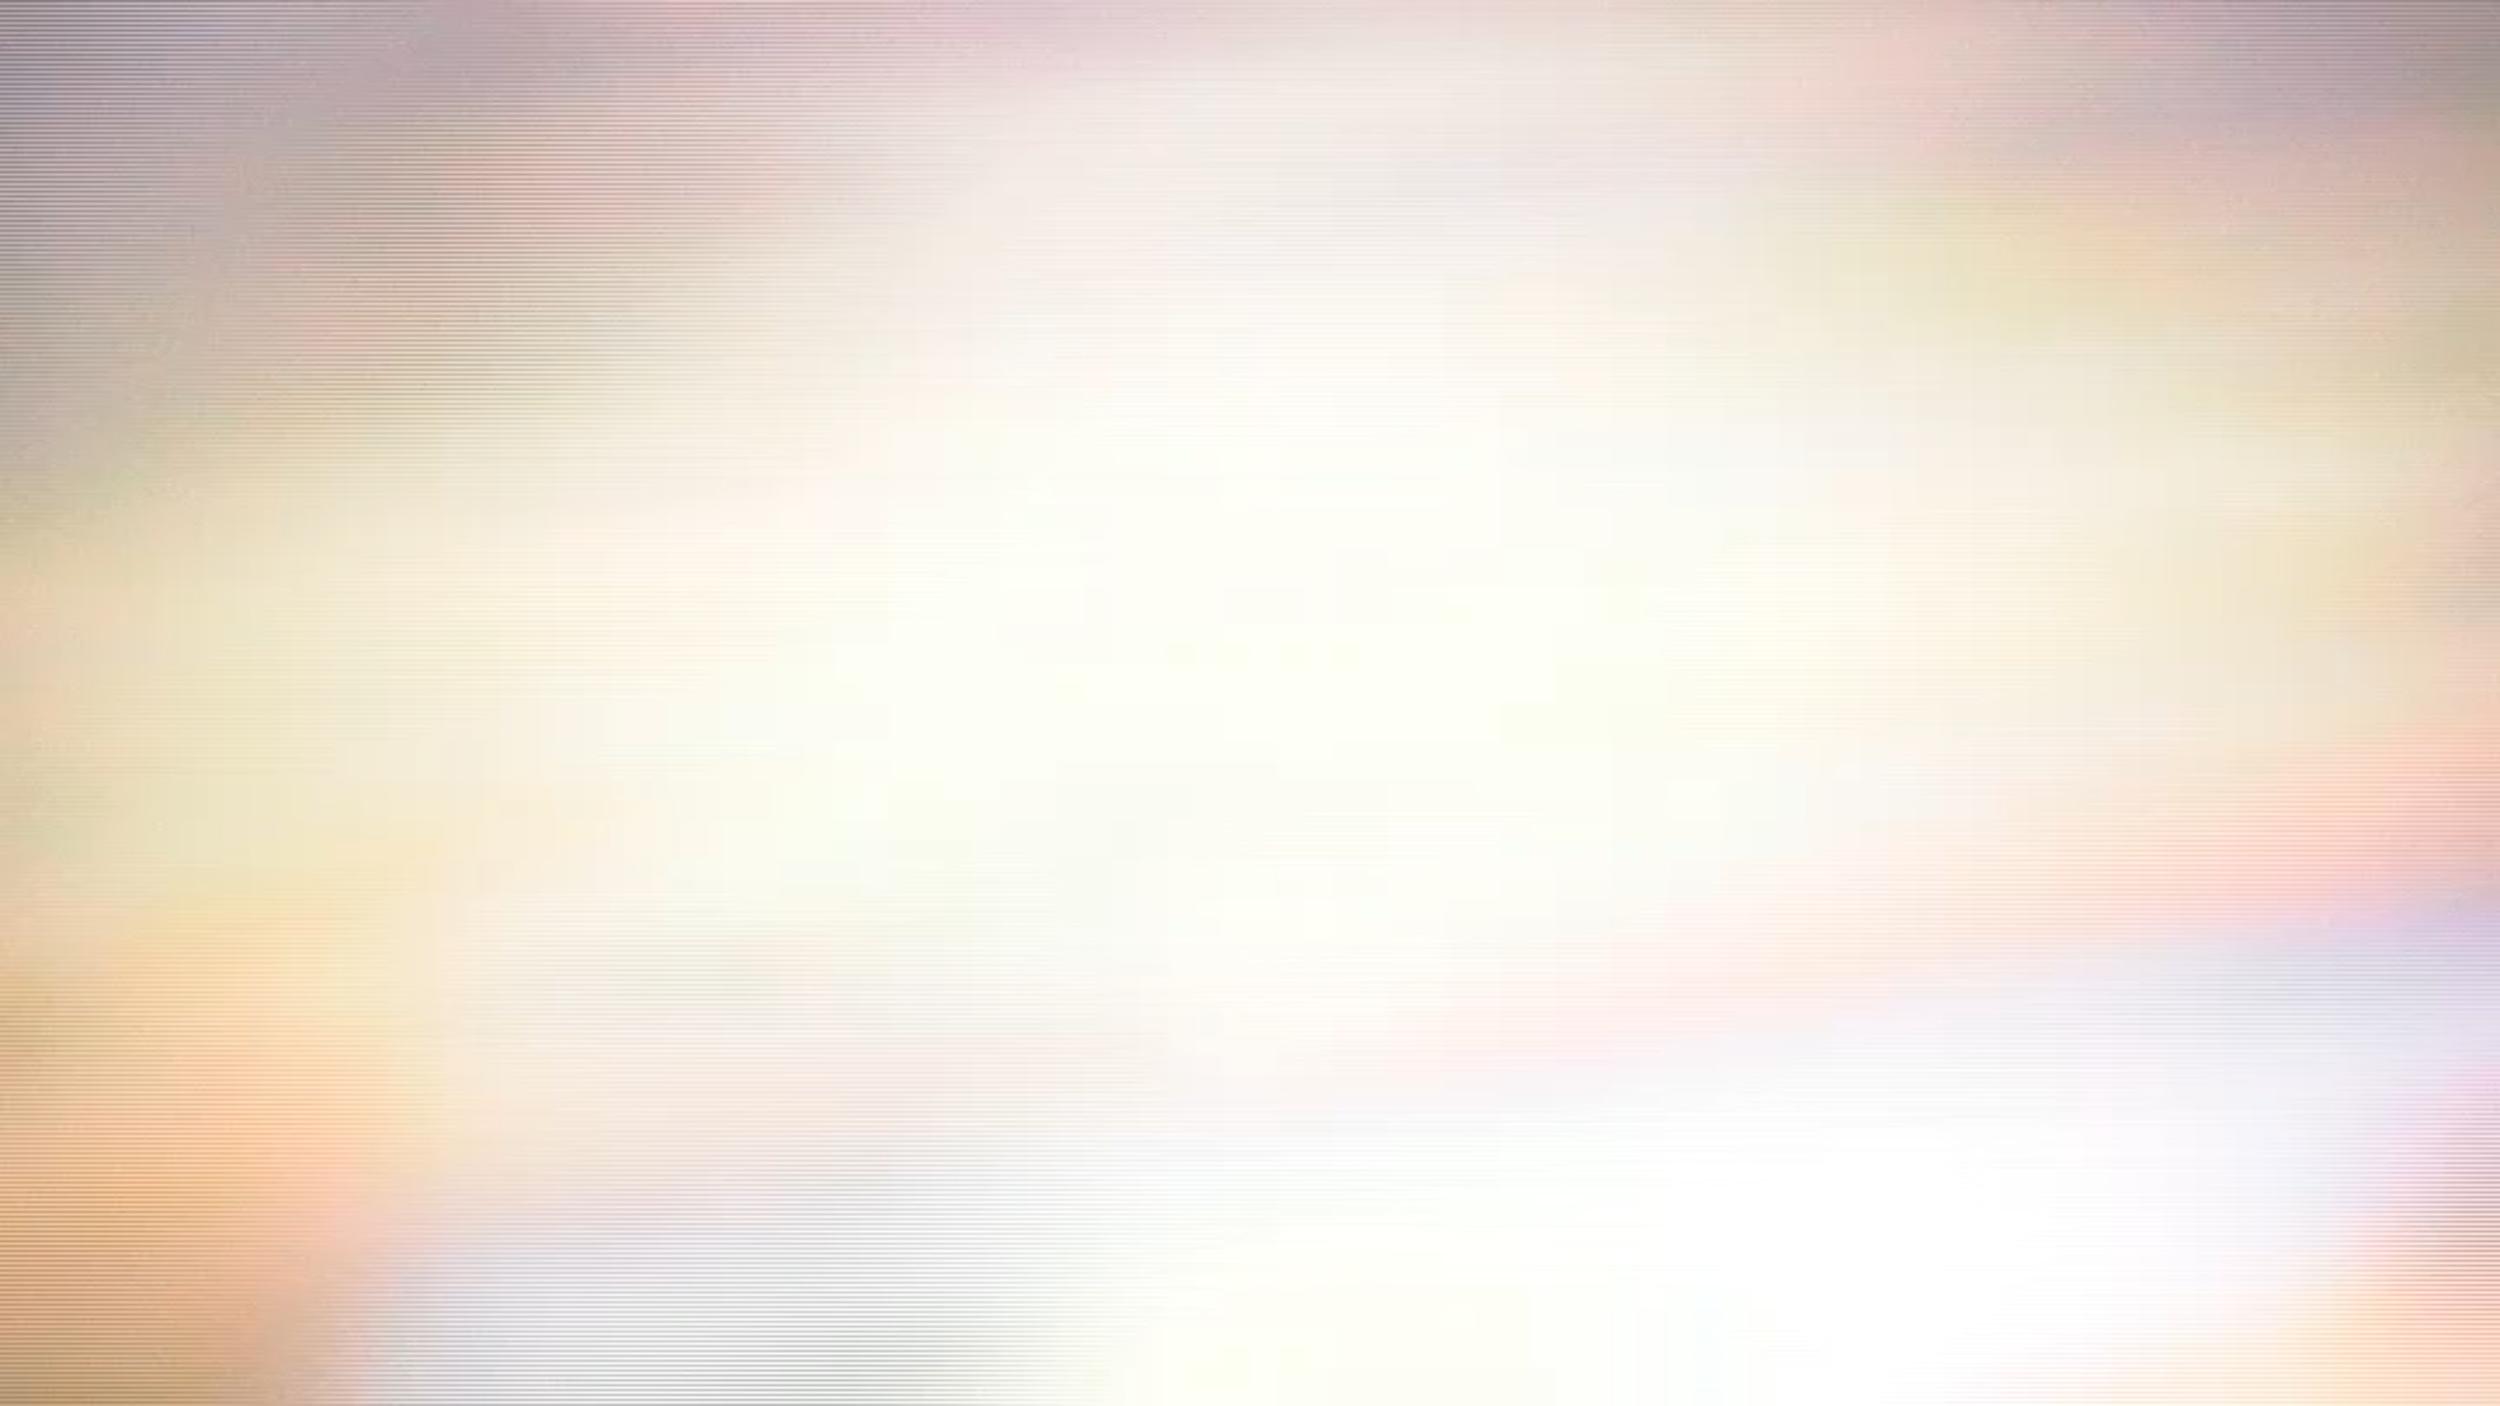 Screen Shot 2018-08-20 at 18.15.13.png